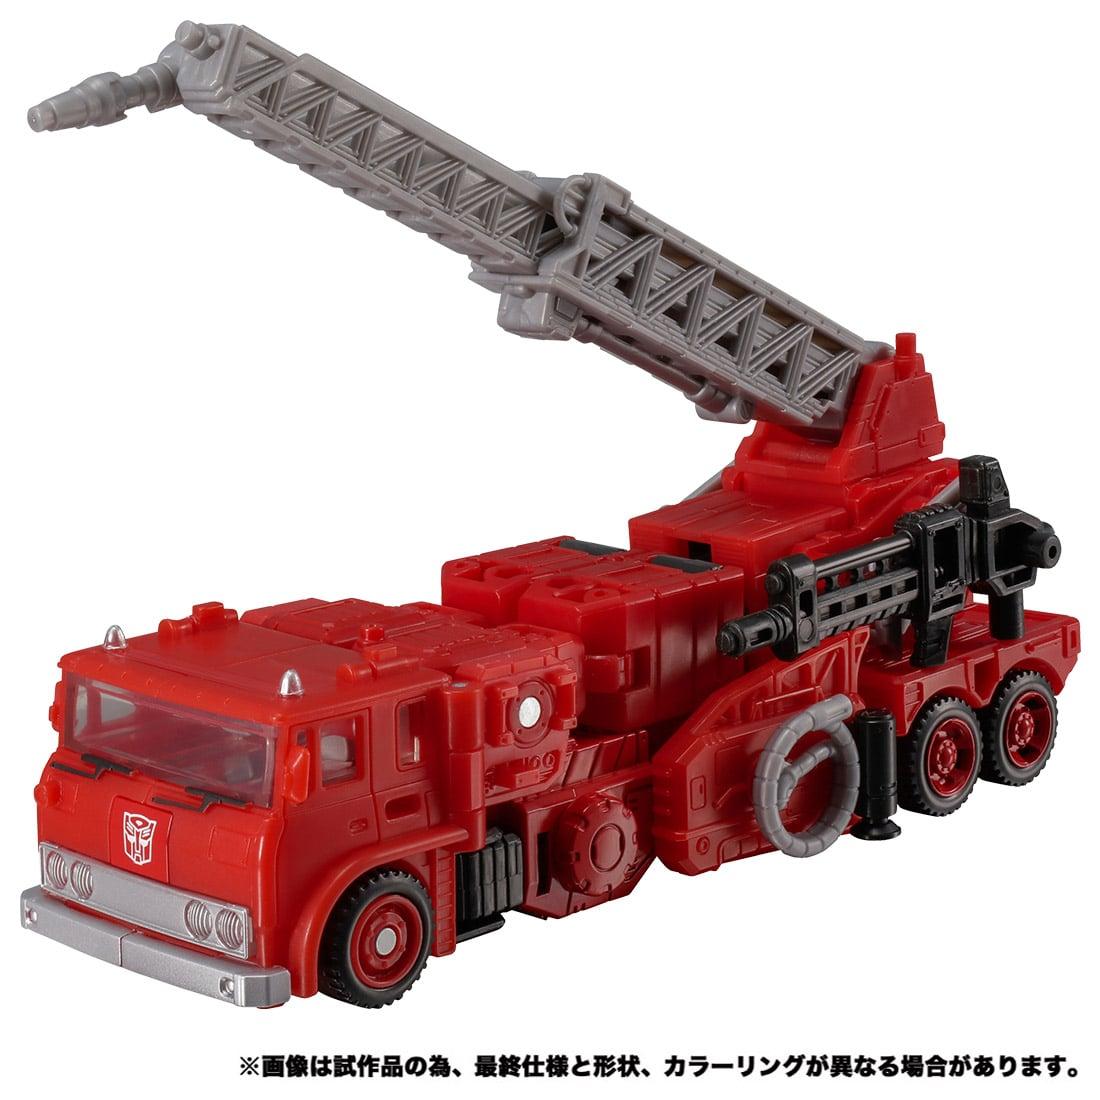 トランスフォーマー キングダム『KD-10 オートボットインフェルノ』可変可動フィギュア-006